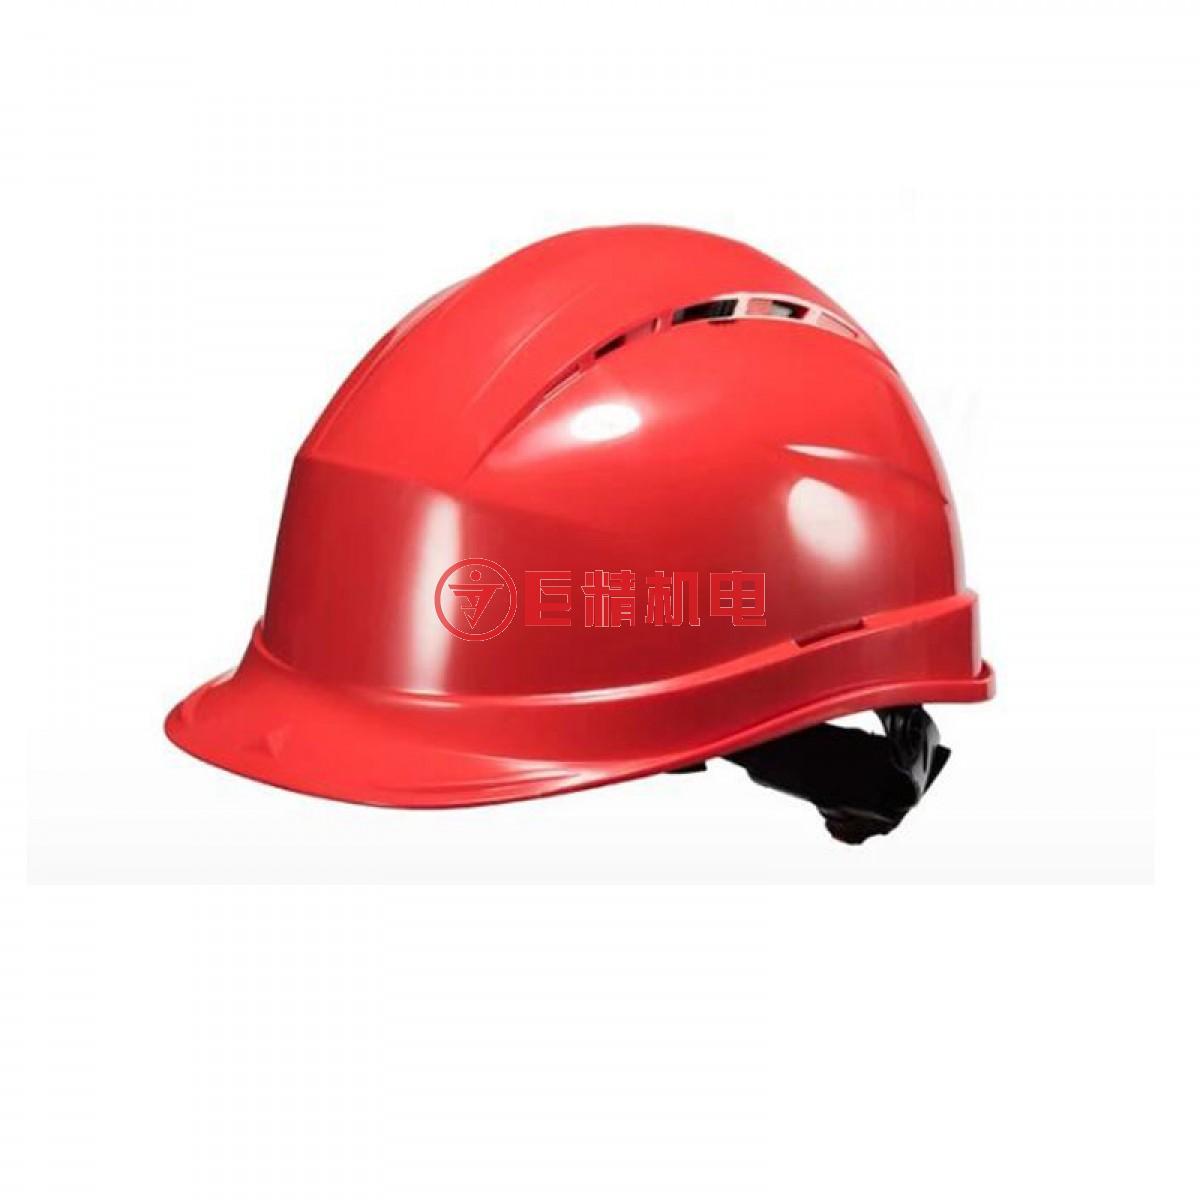 代尔塔舒适款石英4型安全帽102009